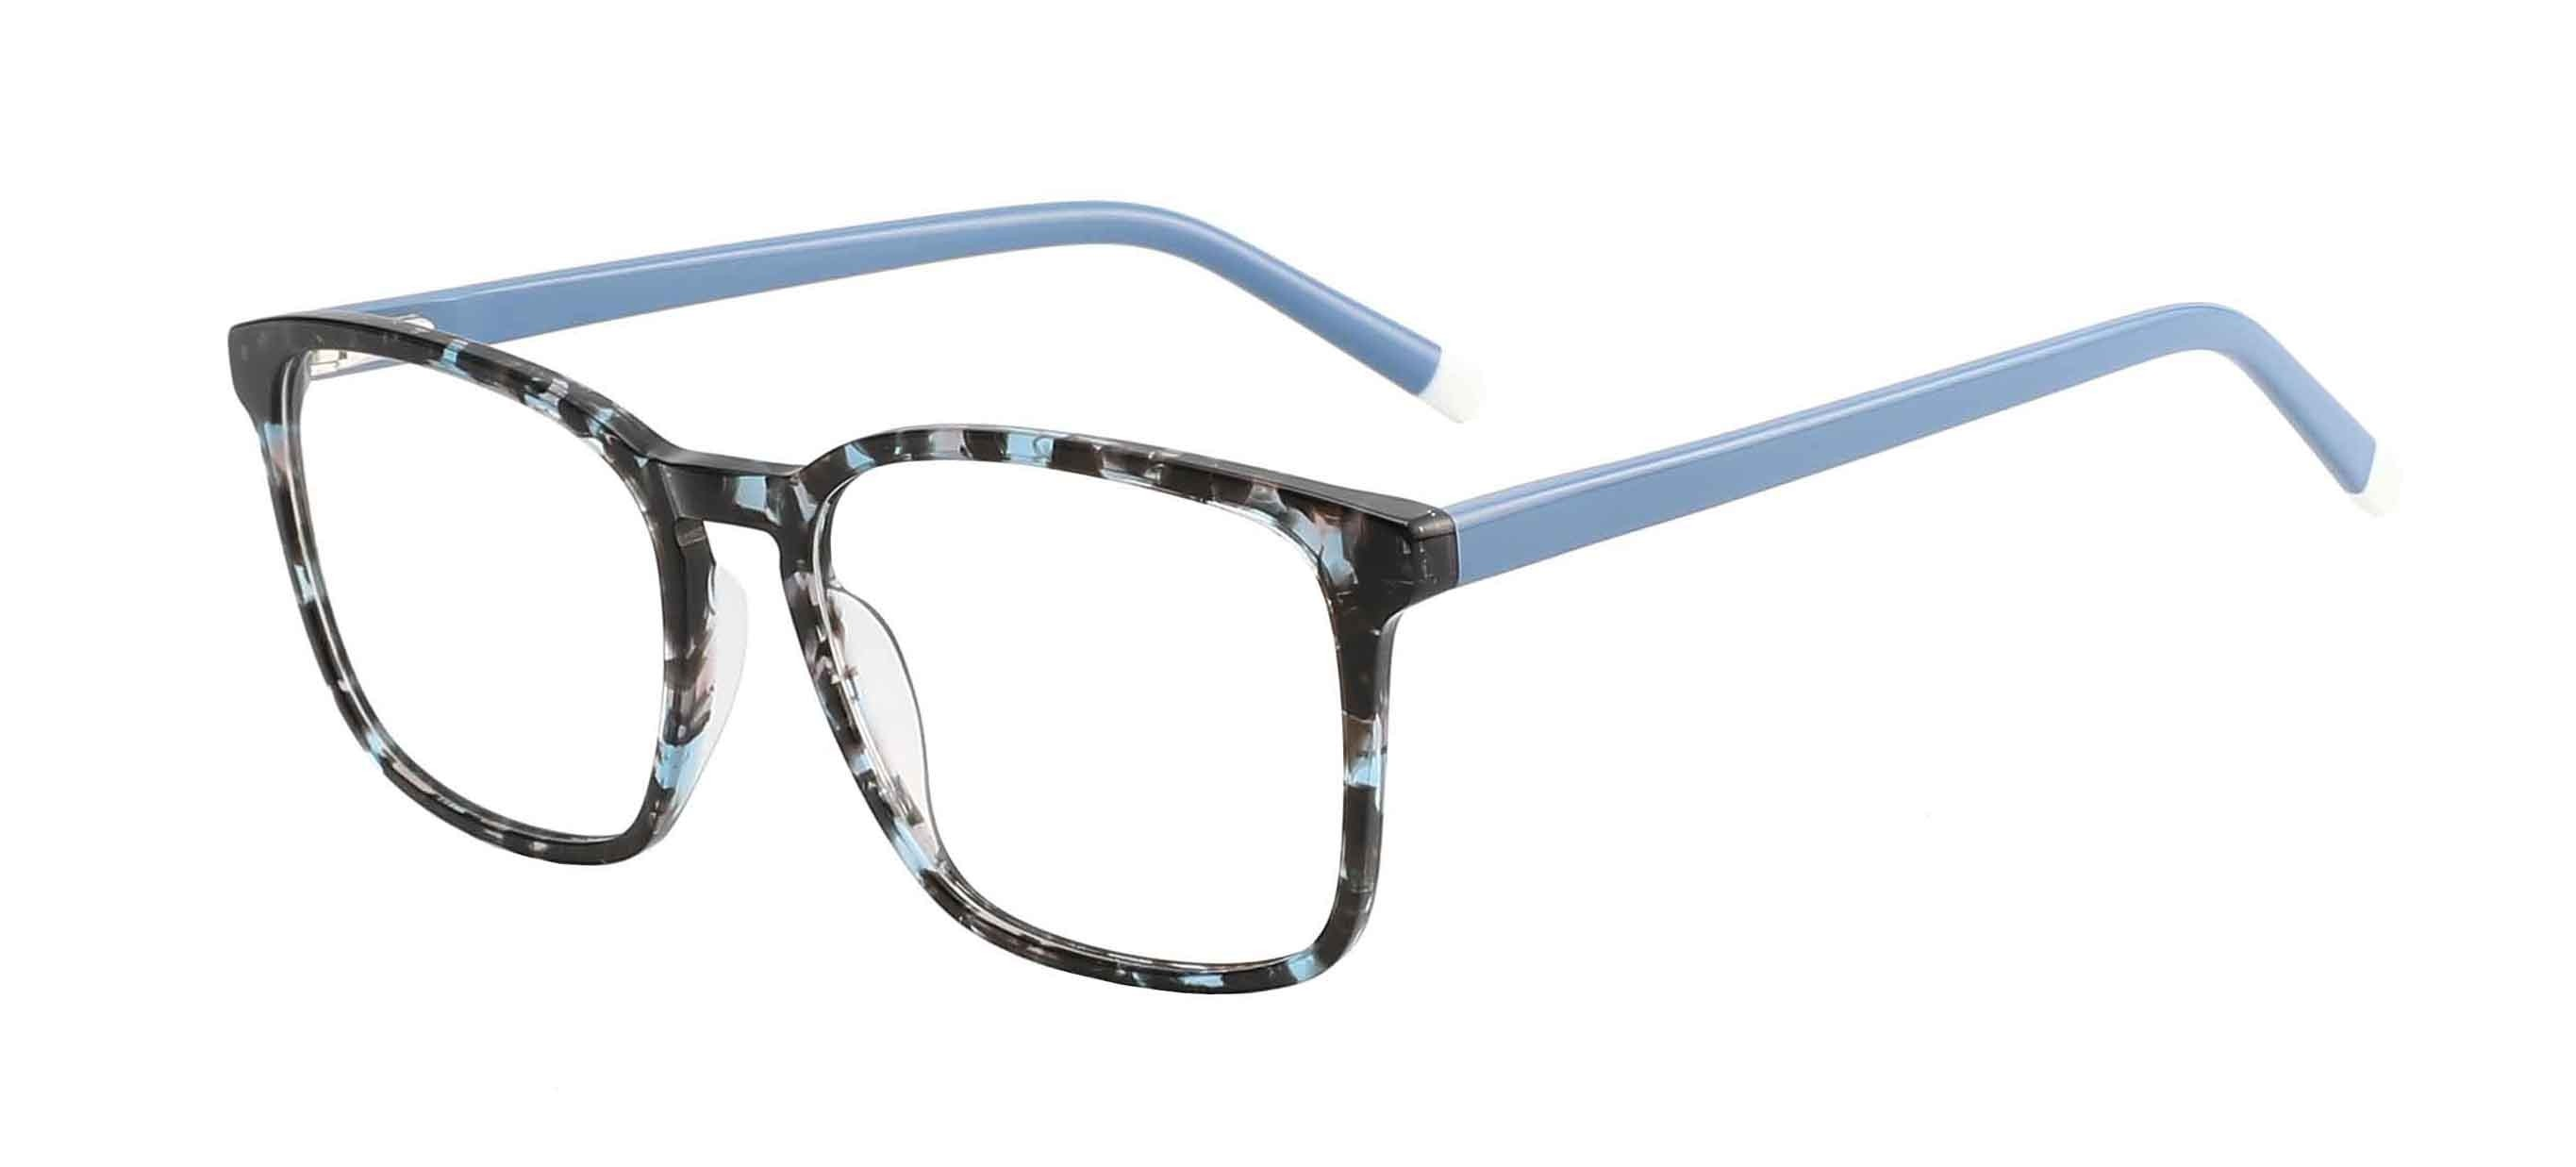 Blaze sinise valguse prillid